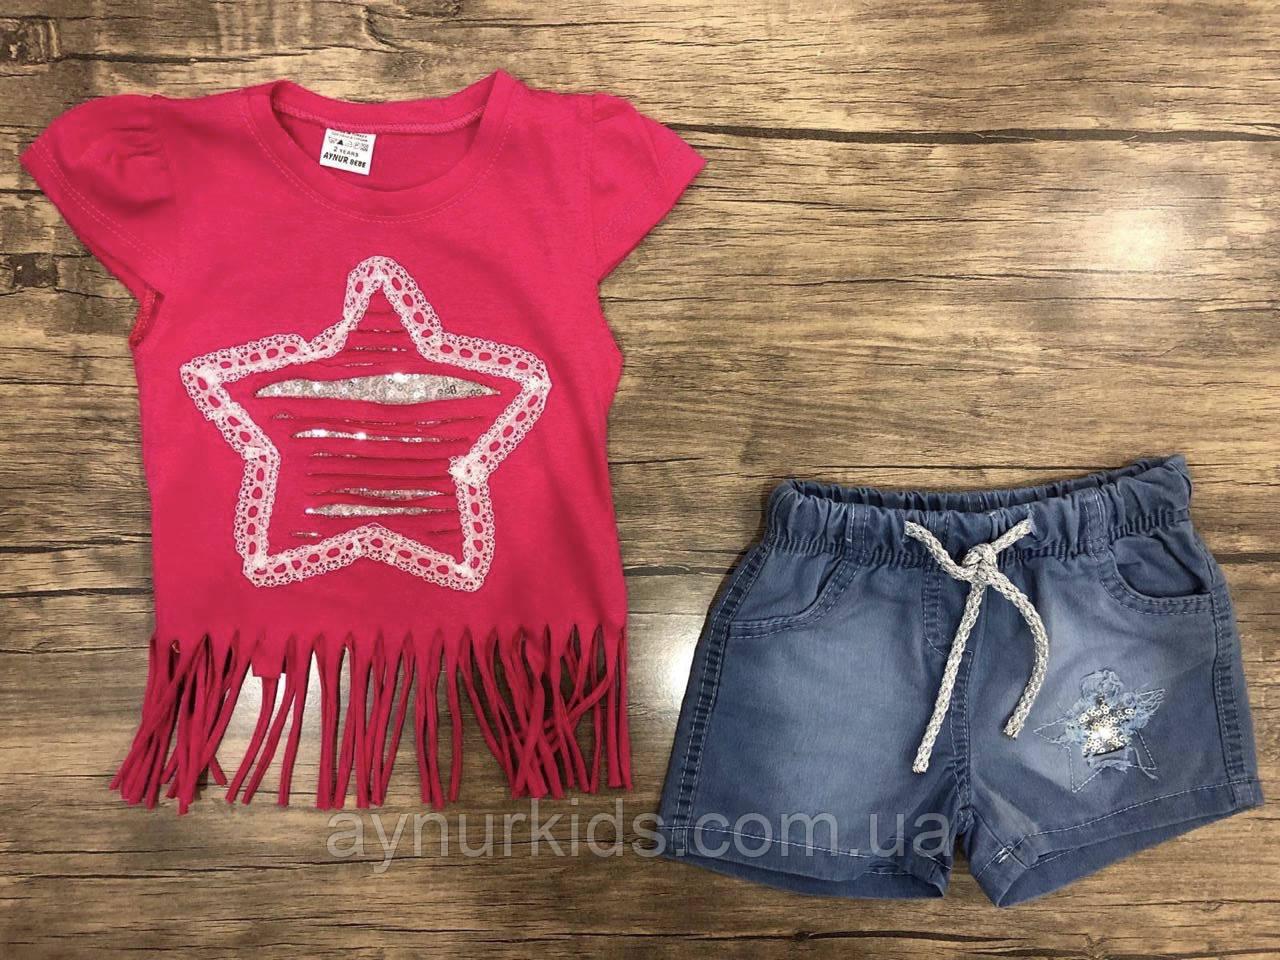 Футболка и джинсовые шорты 2-3-4-5 лет